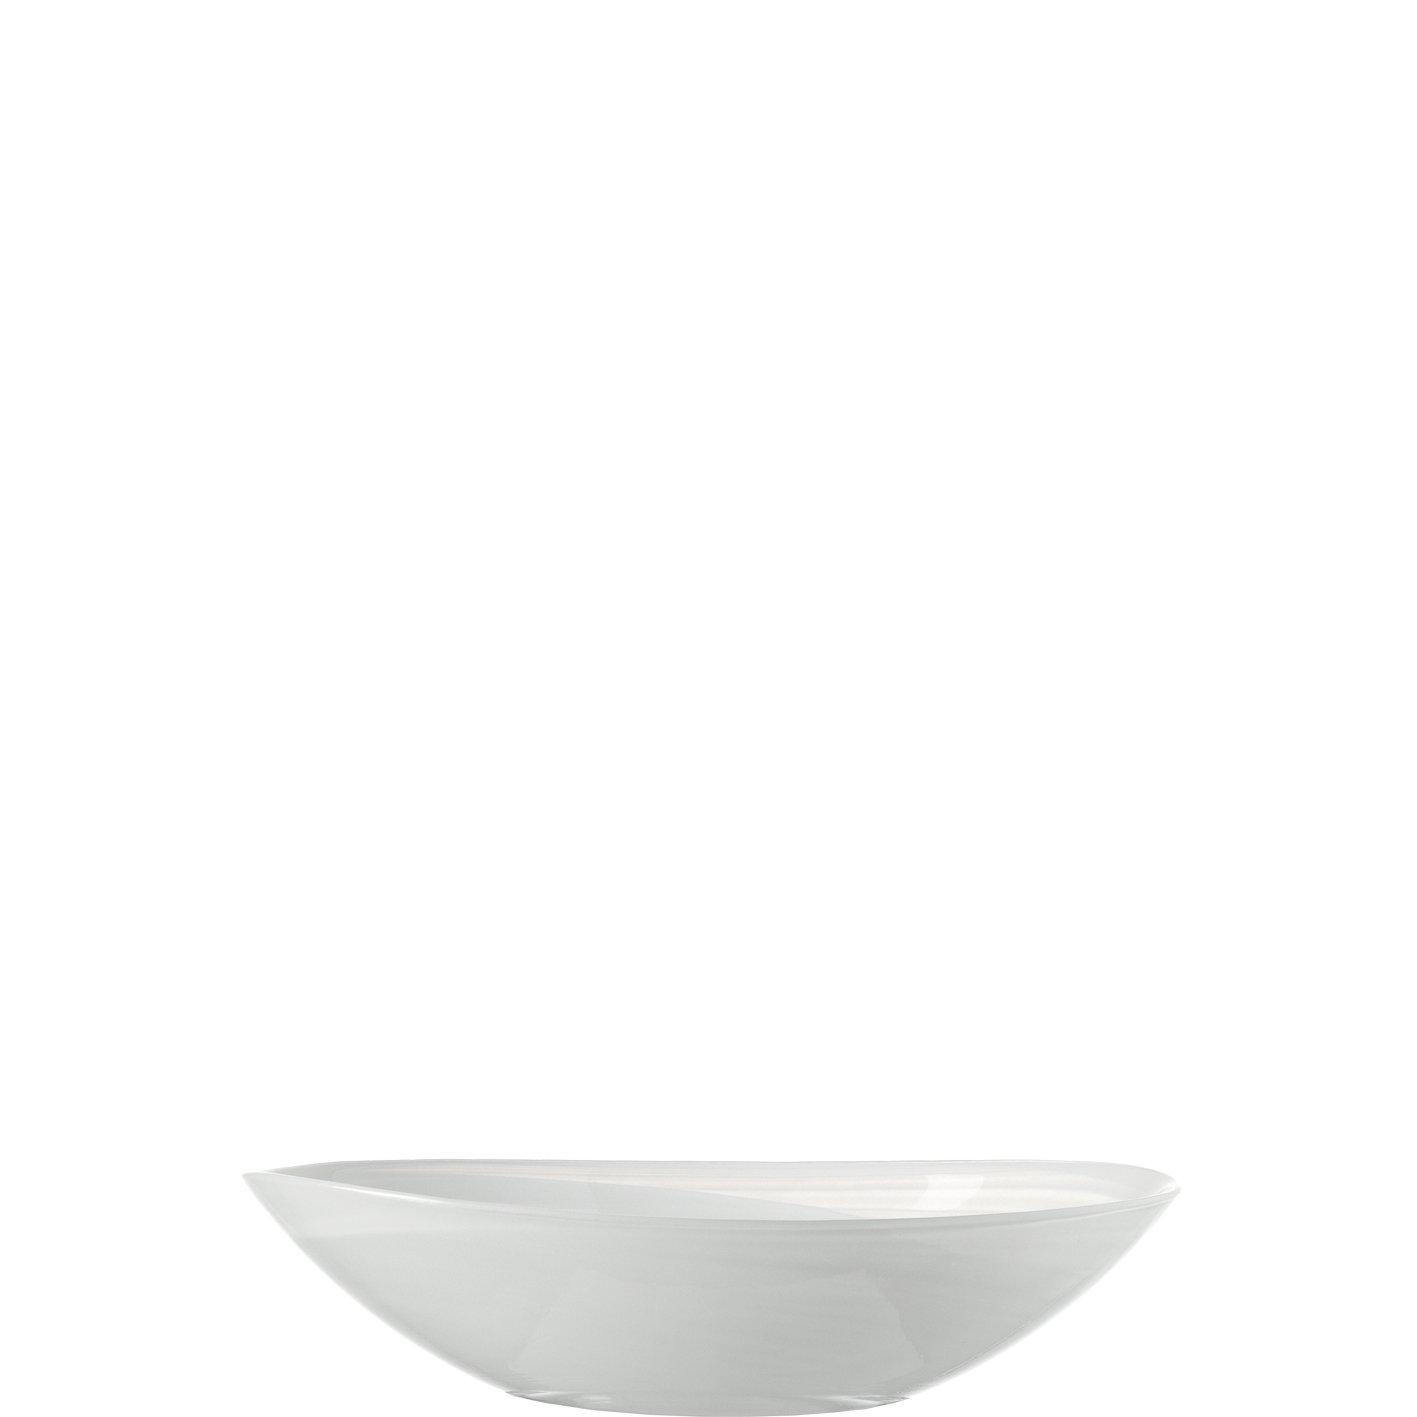 Schale oval 22 weiß Alabastro ALABASTRO